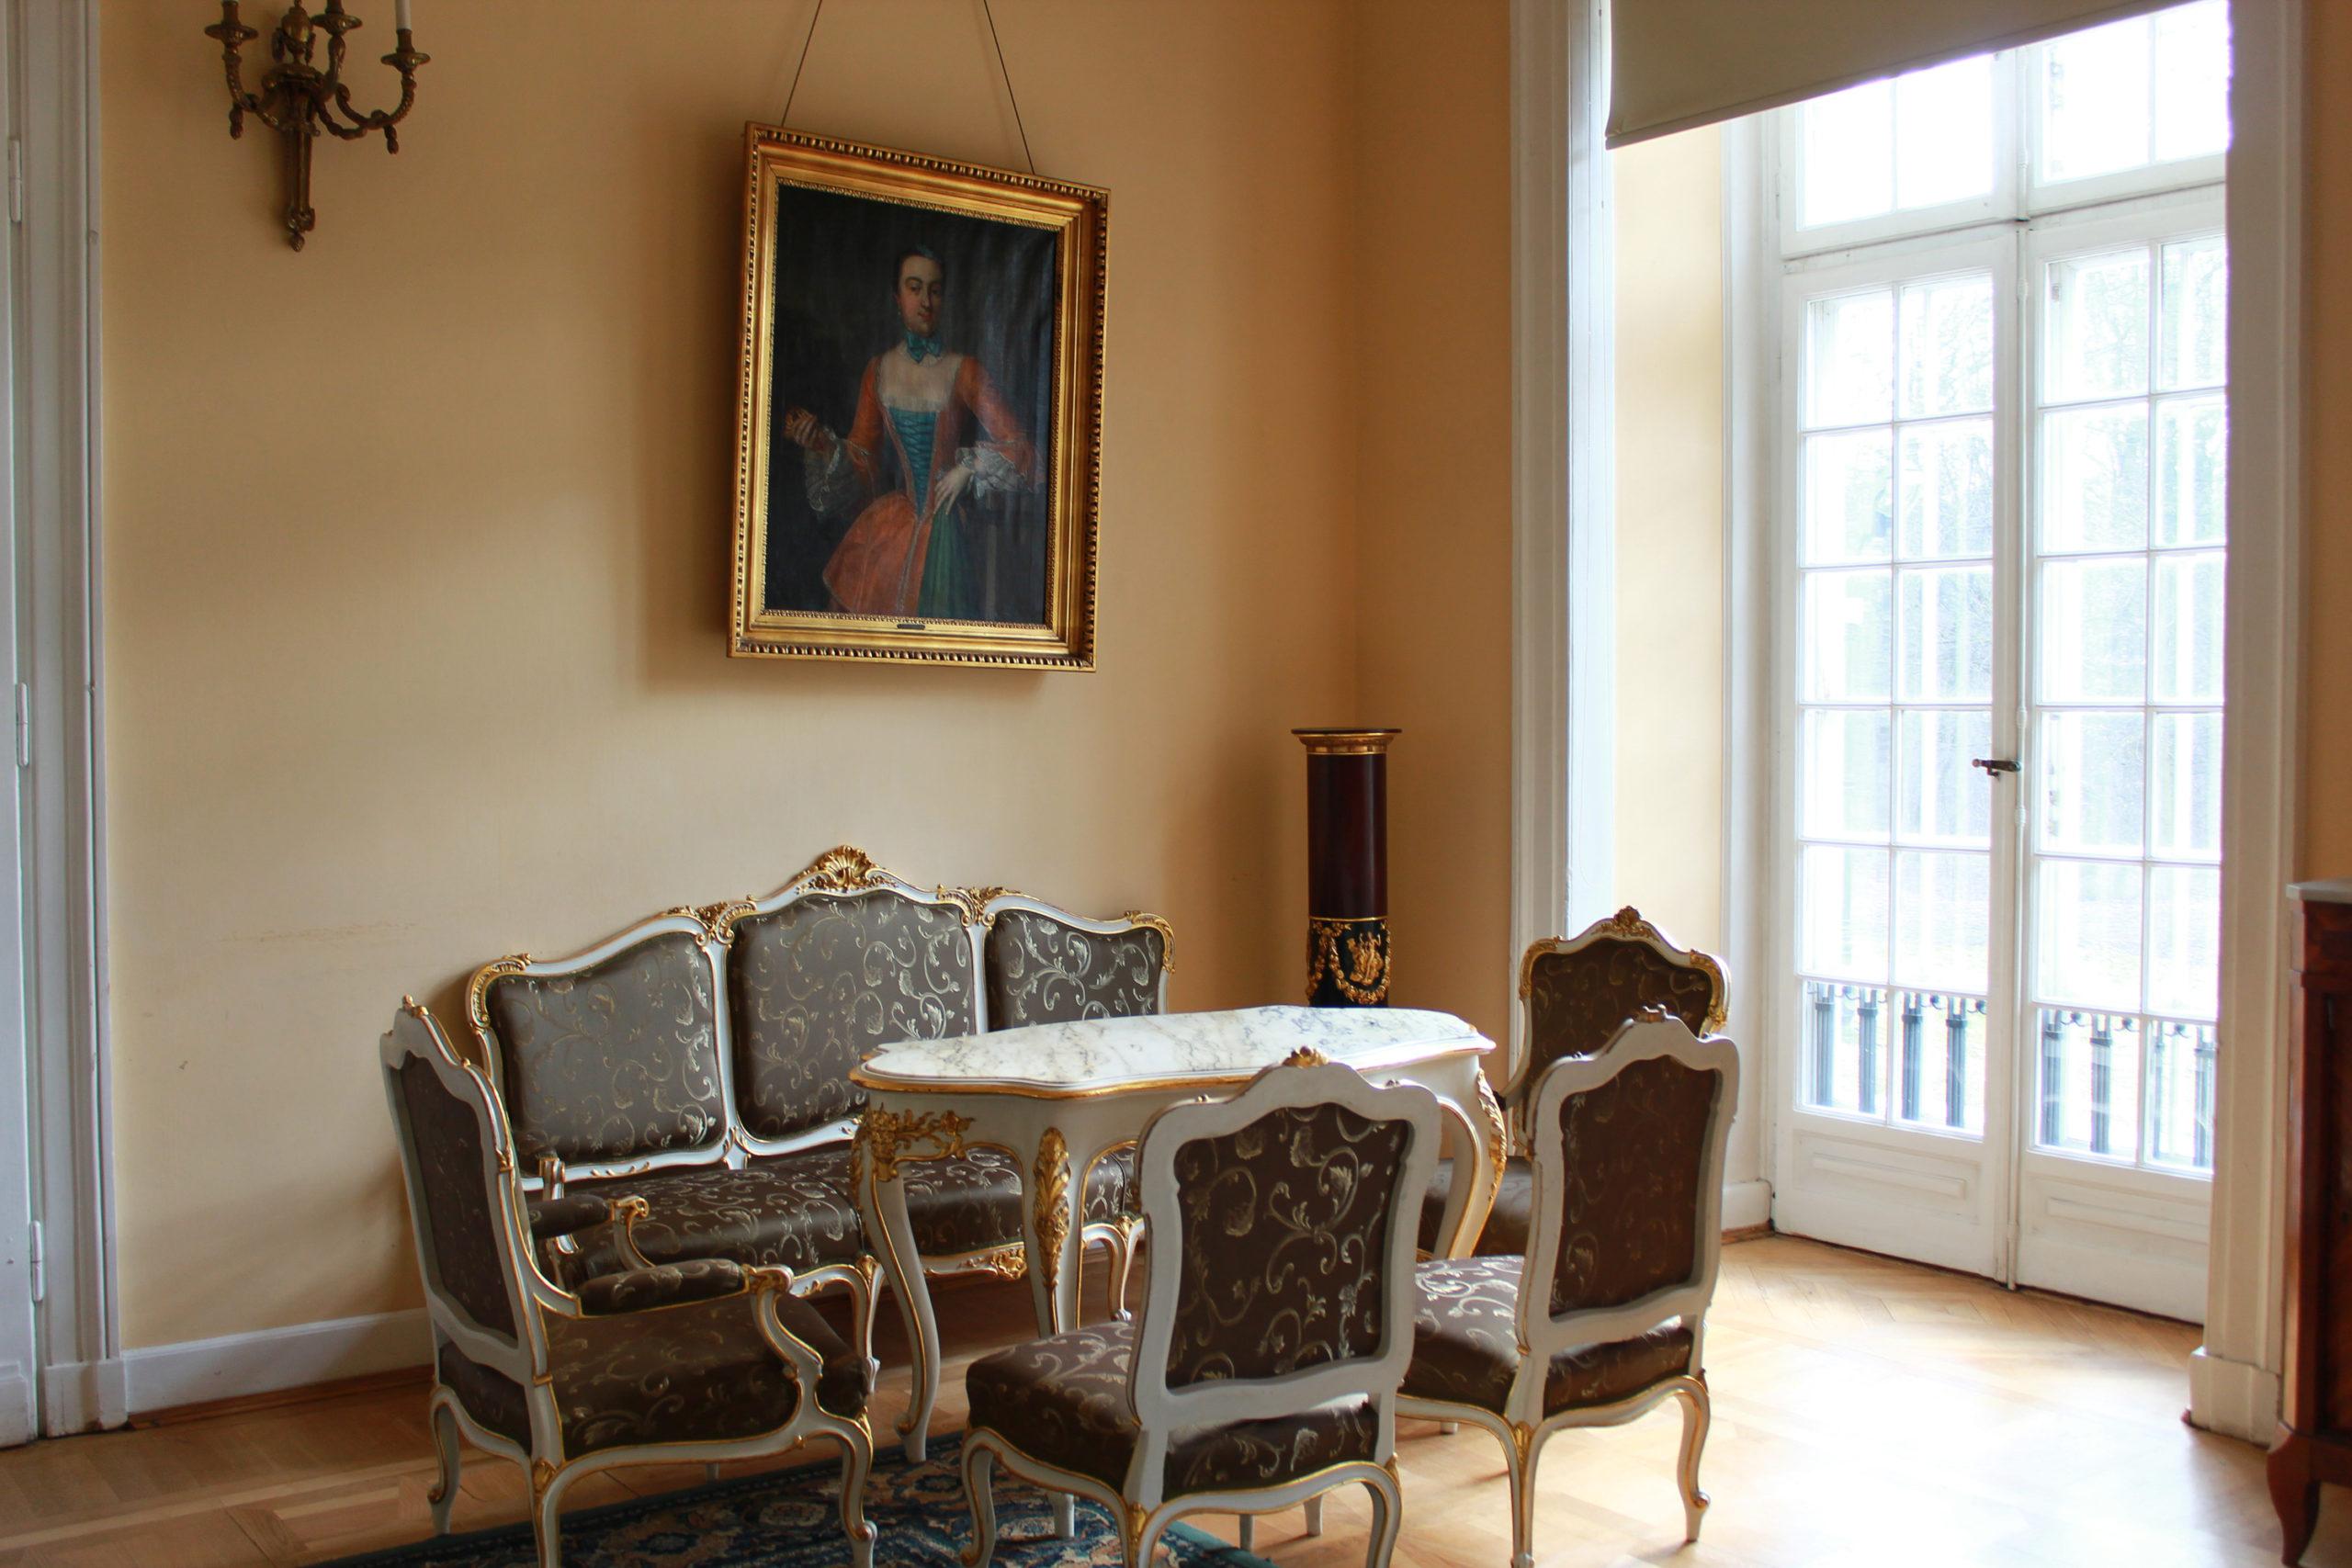 krzesła i stół przy oknie